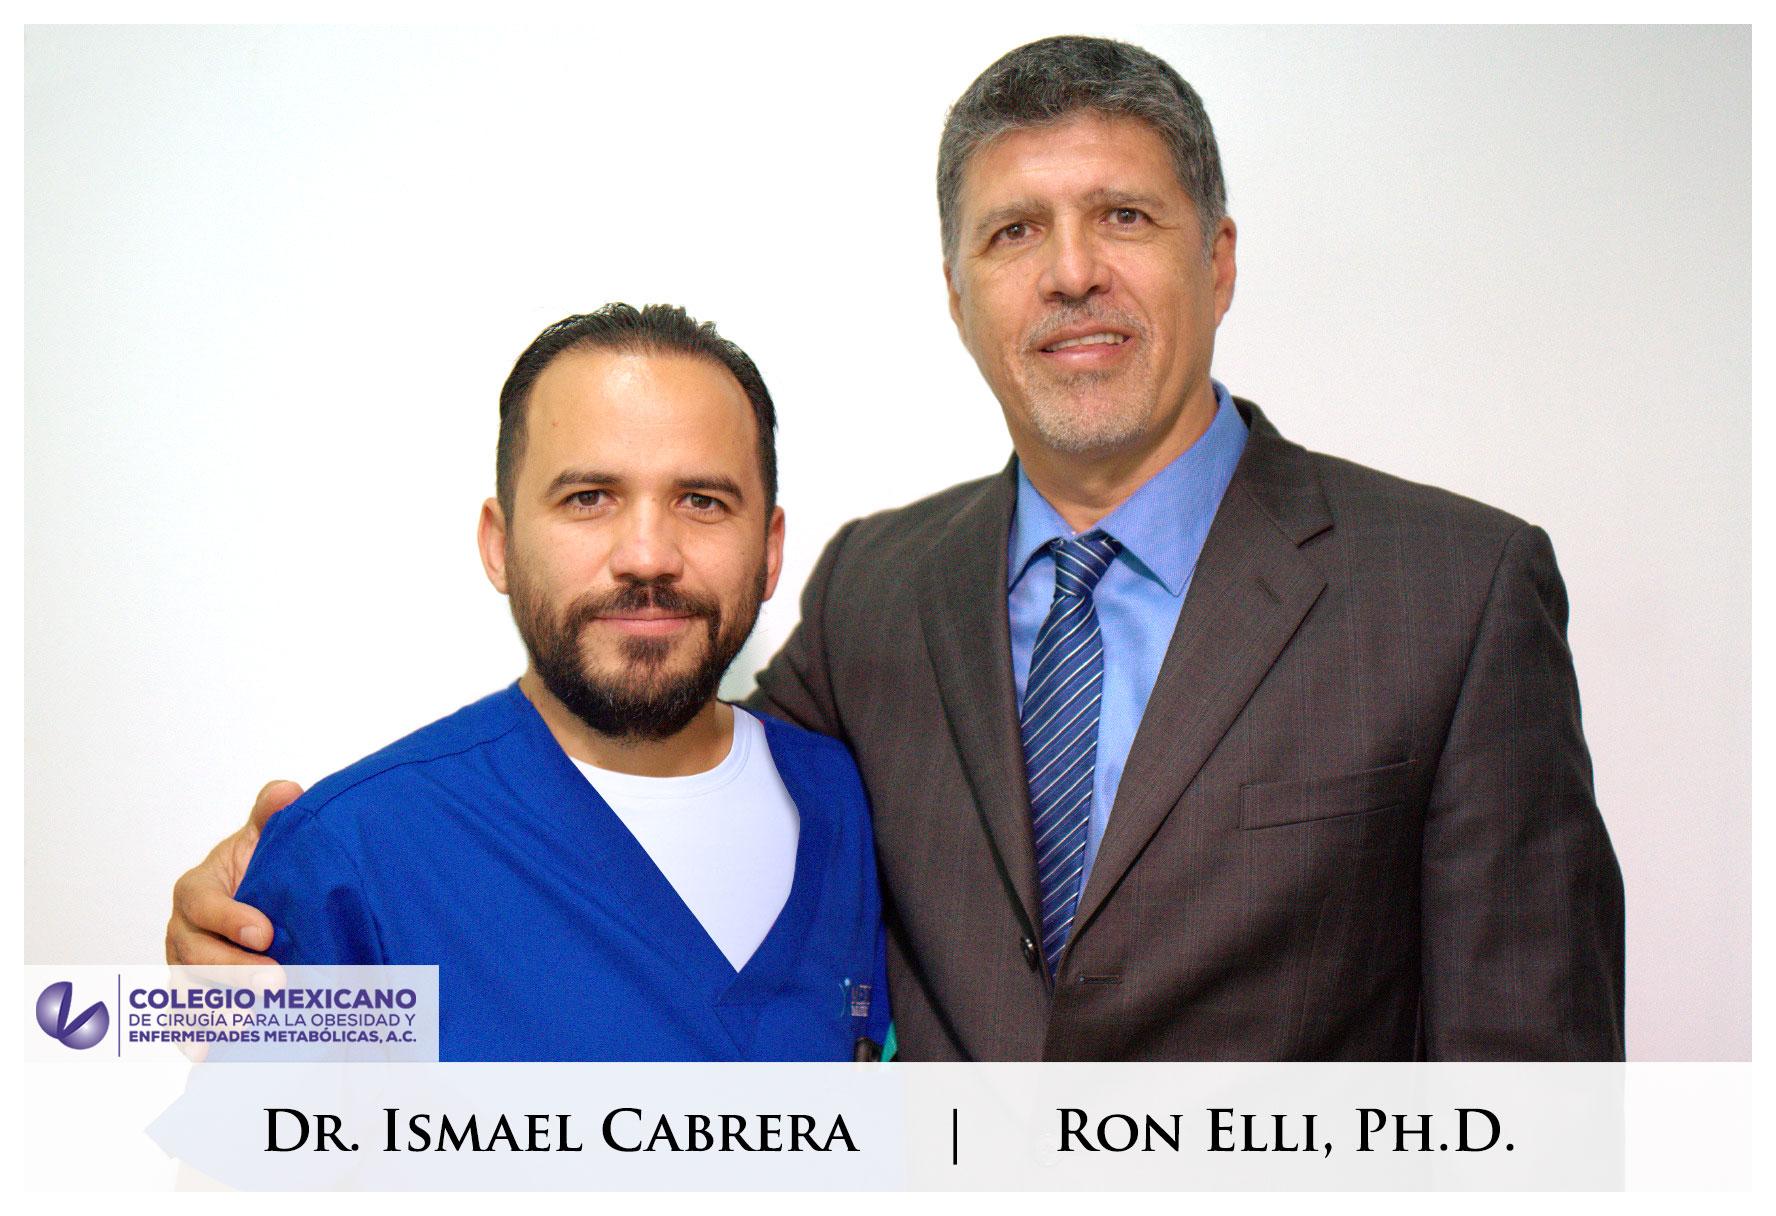 Dr. Cabrera and Dr. Ron Ellis